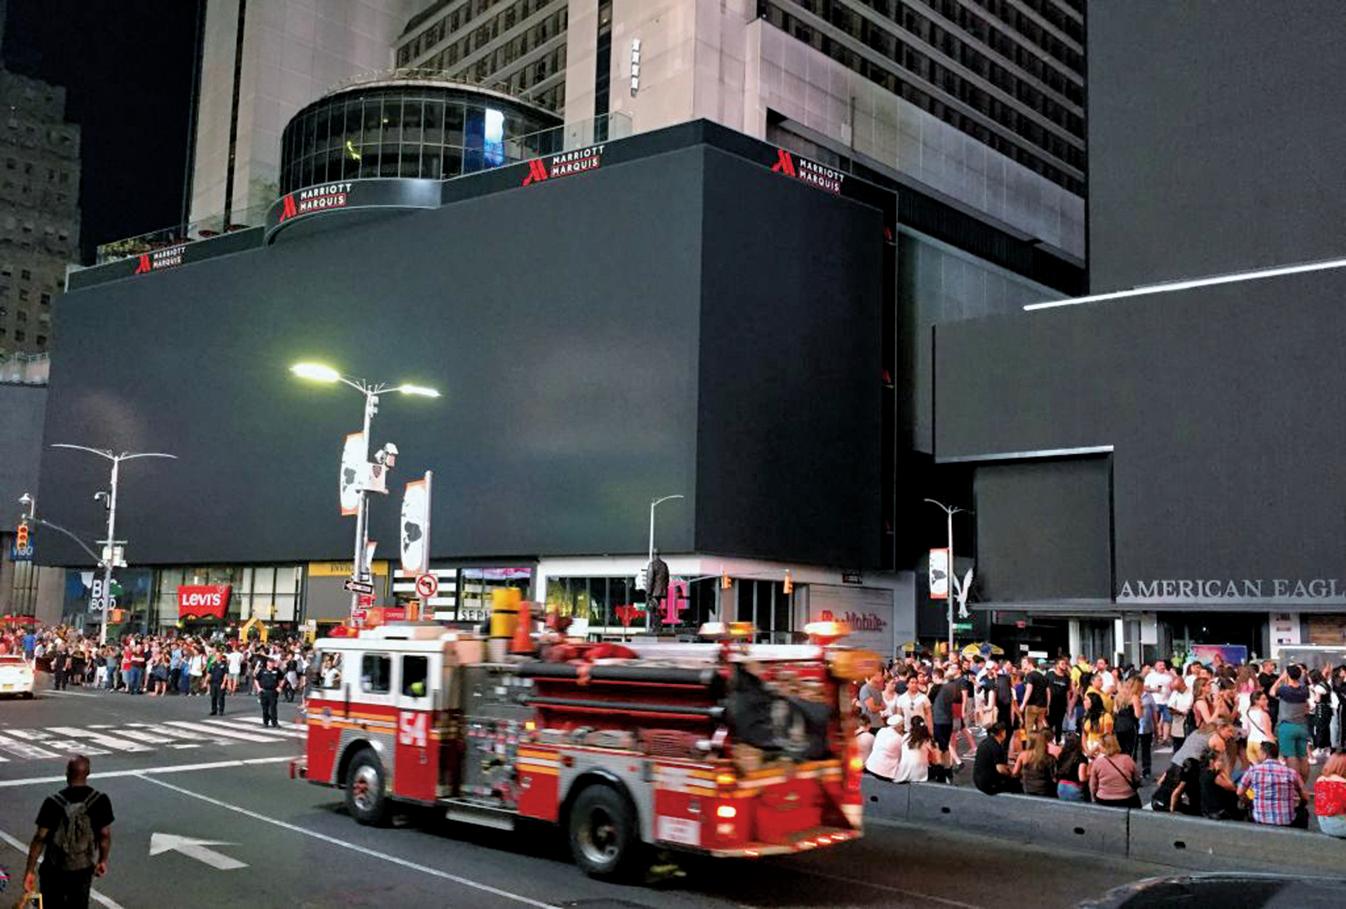 2019年7月13日晚紐約市曼哈頓大停電,時代廣場漆黑一片。地鐵站陷入黑暗中,約有42,000名客戶在傍晚失去電力供應。(AFP)